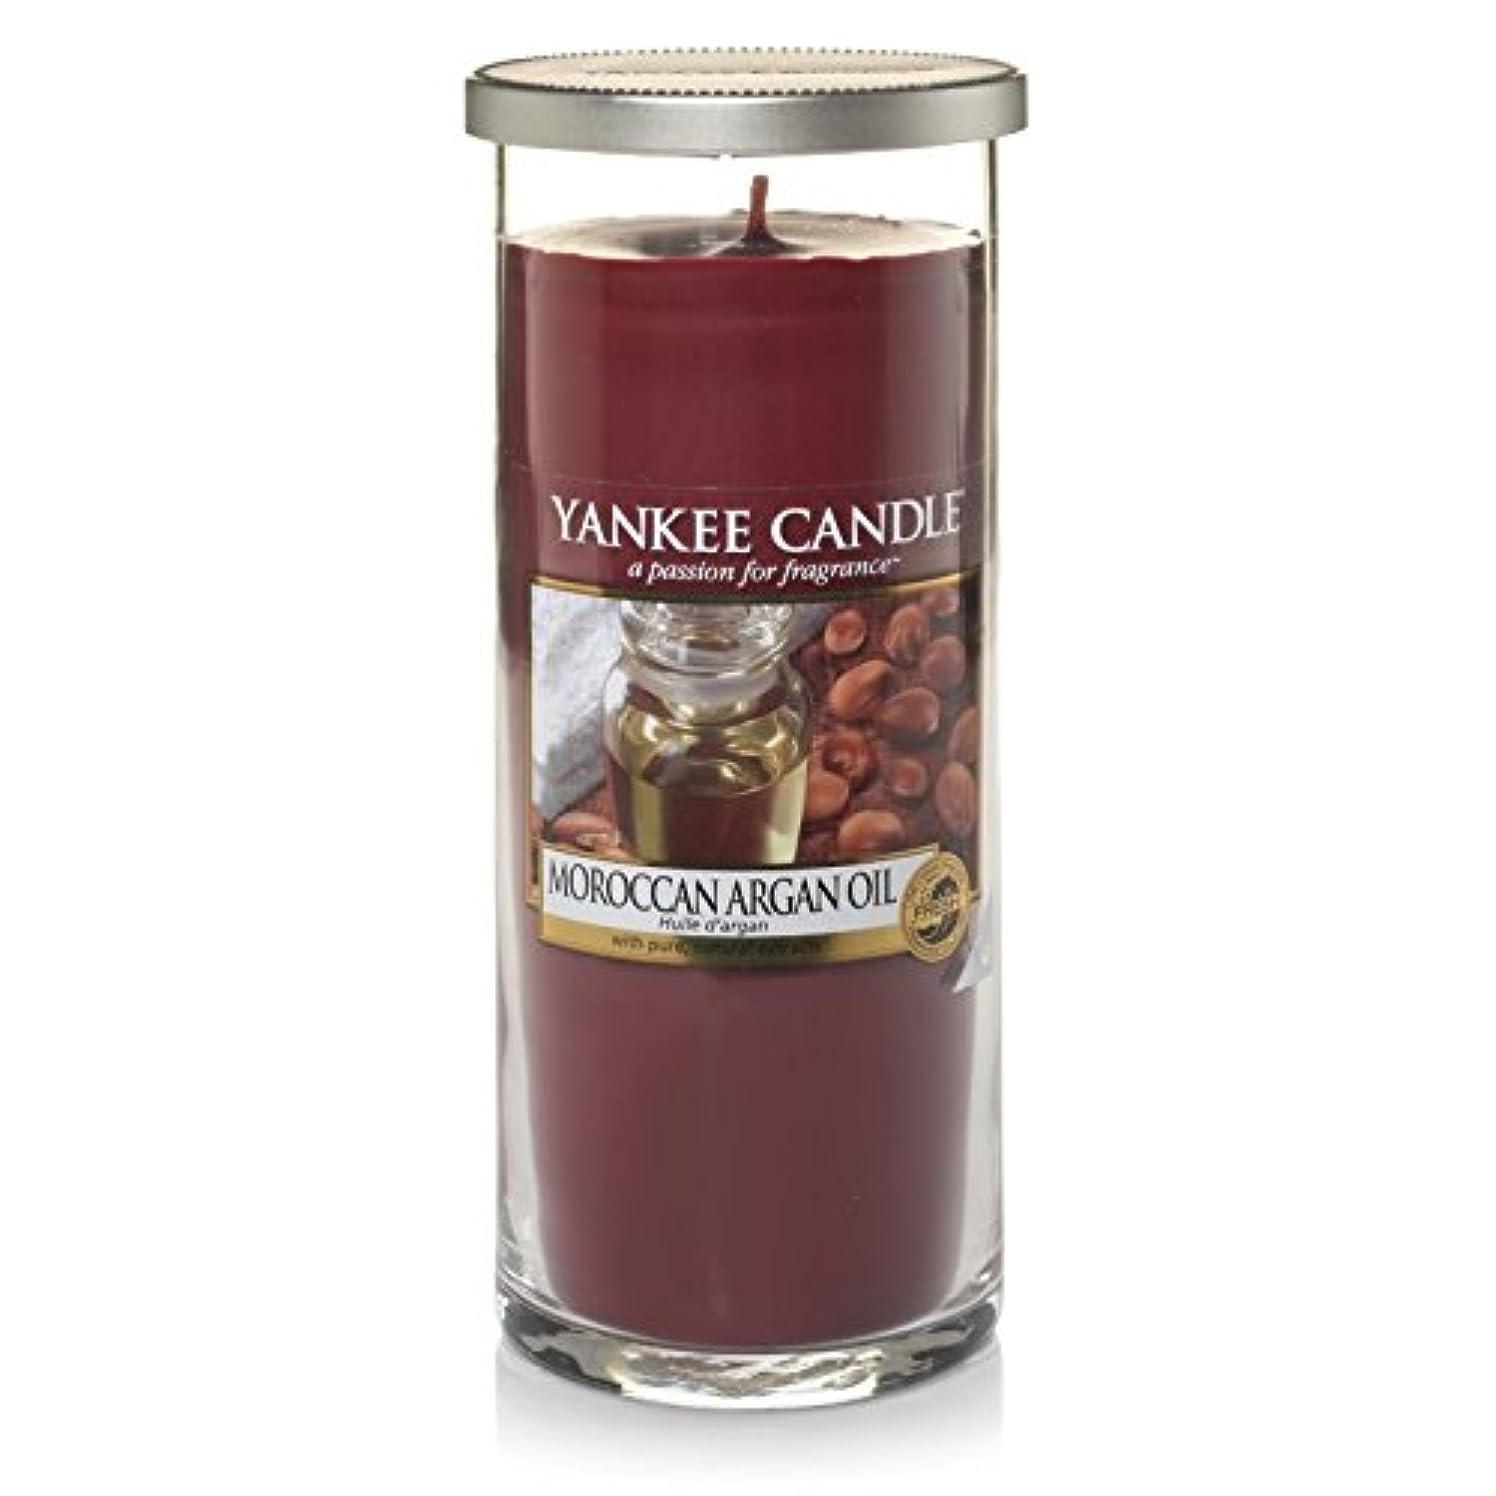 見えない不安定な暗殺するYankee Candles Large Pillar Candle - Moroccan Argan Oil (Pack of 2) - ヤンキーキャンドル大きな柱キャンドル - モロッコアルガンオイル (x2) [並行輸入品]